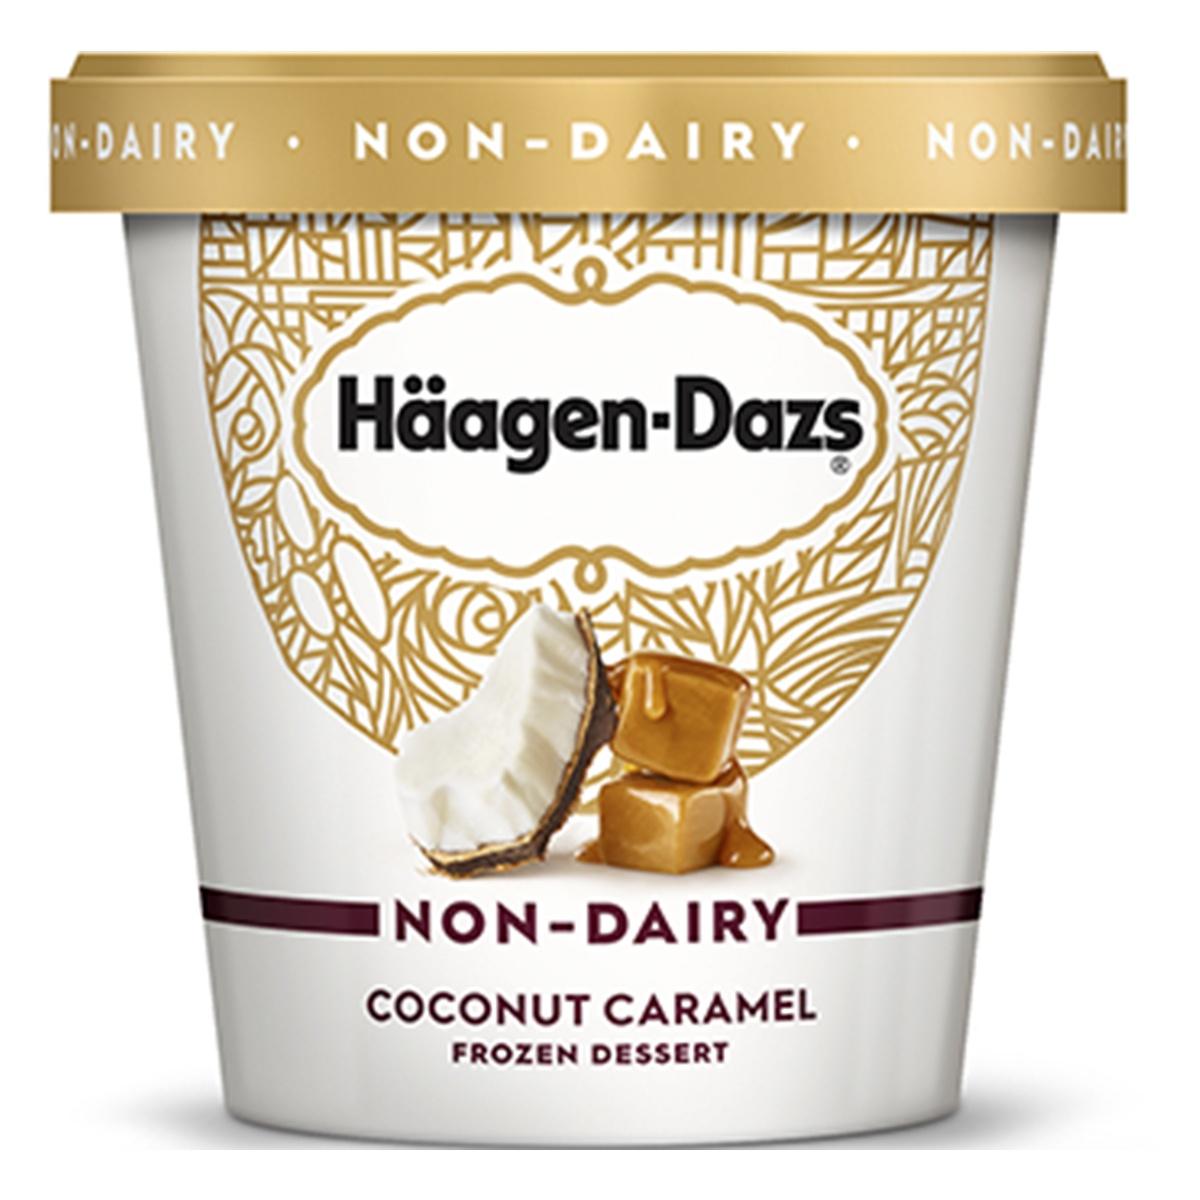 Häagen-Dazs Non-Dairy Ice Cream